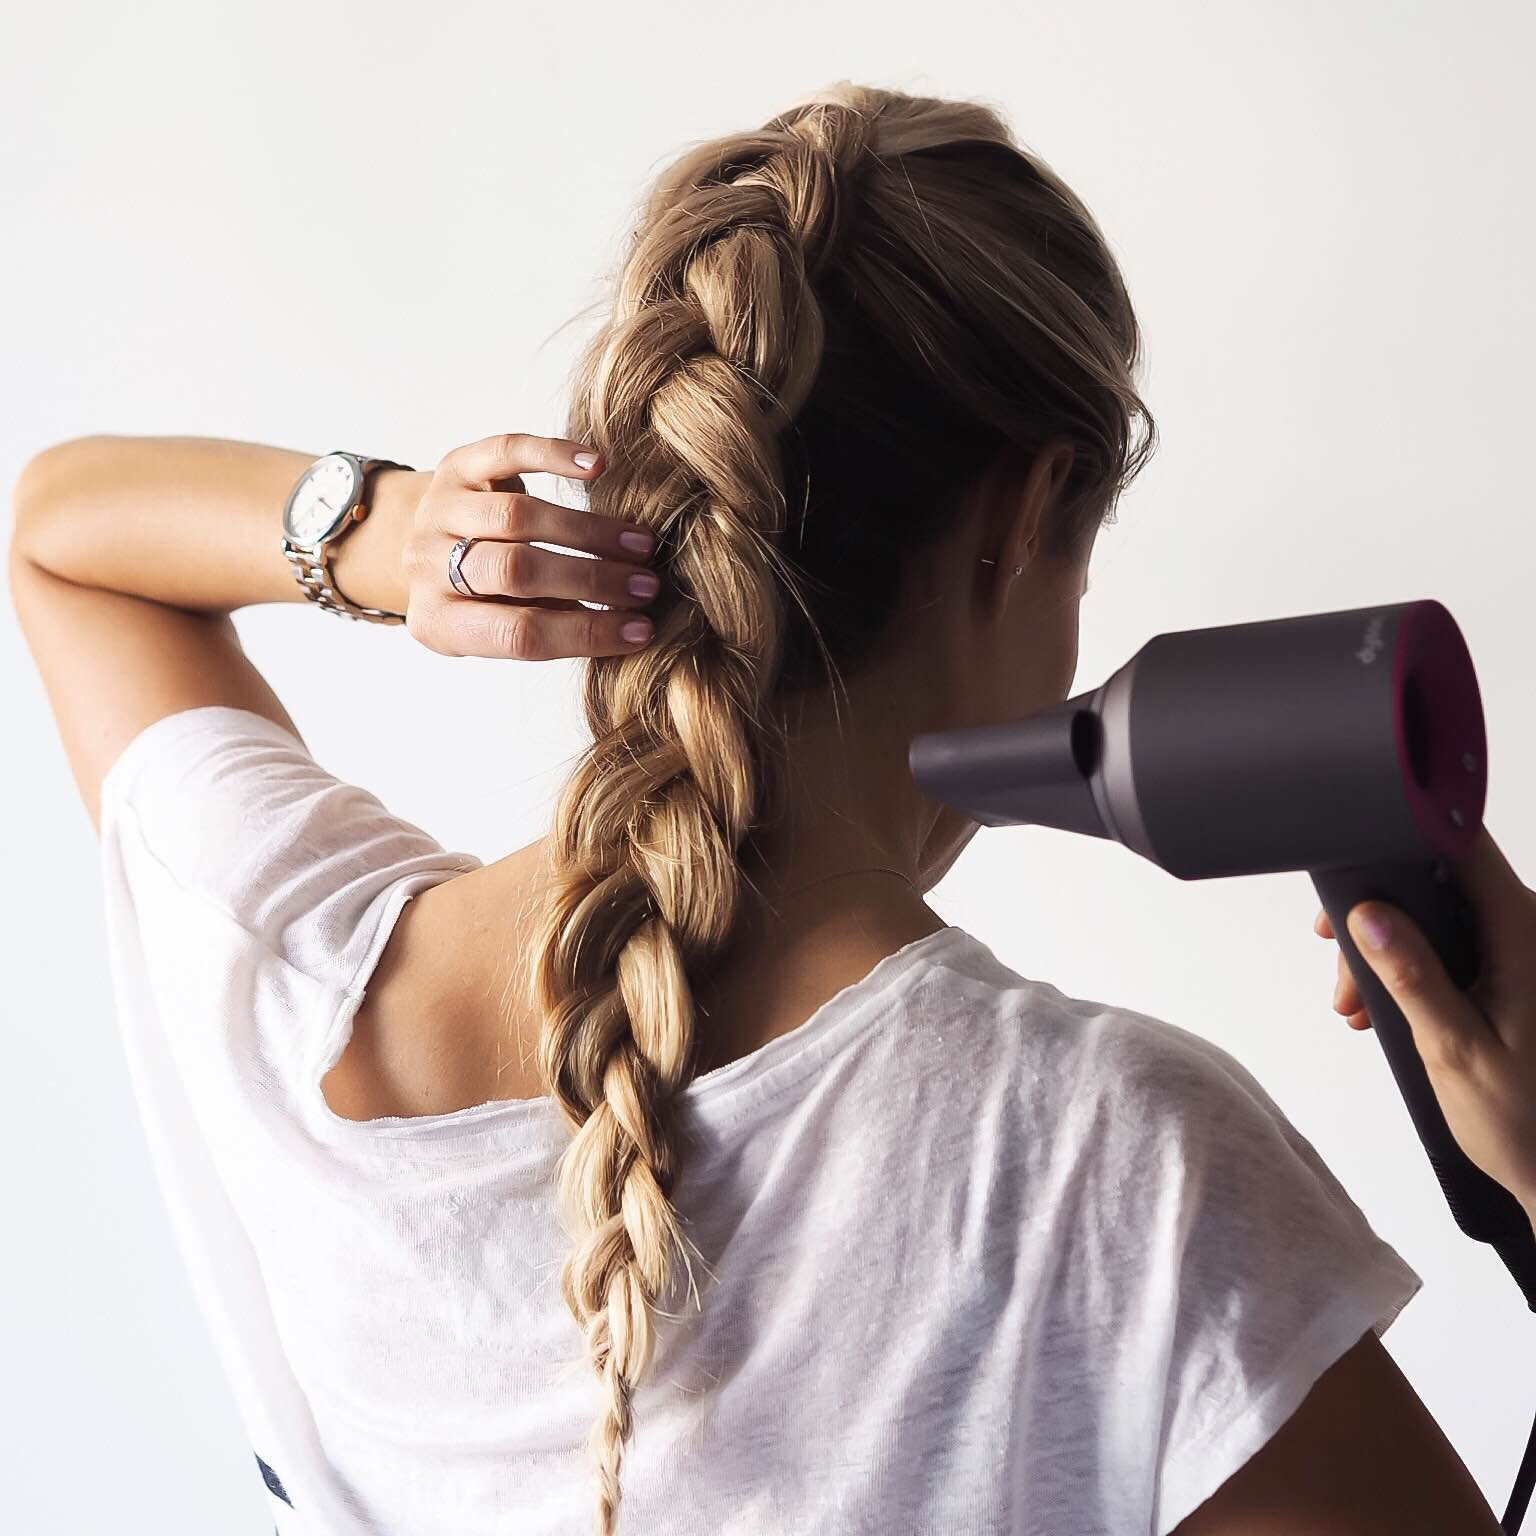 """ツヤ髪のために「髪を傷つけない」習慣を! 今すぐ見直したい""""大人の美髪ケア"""""""